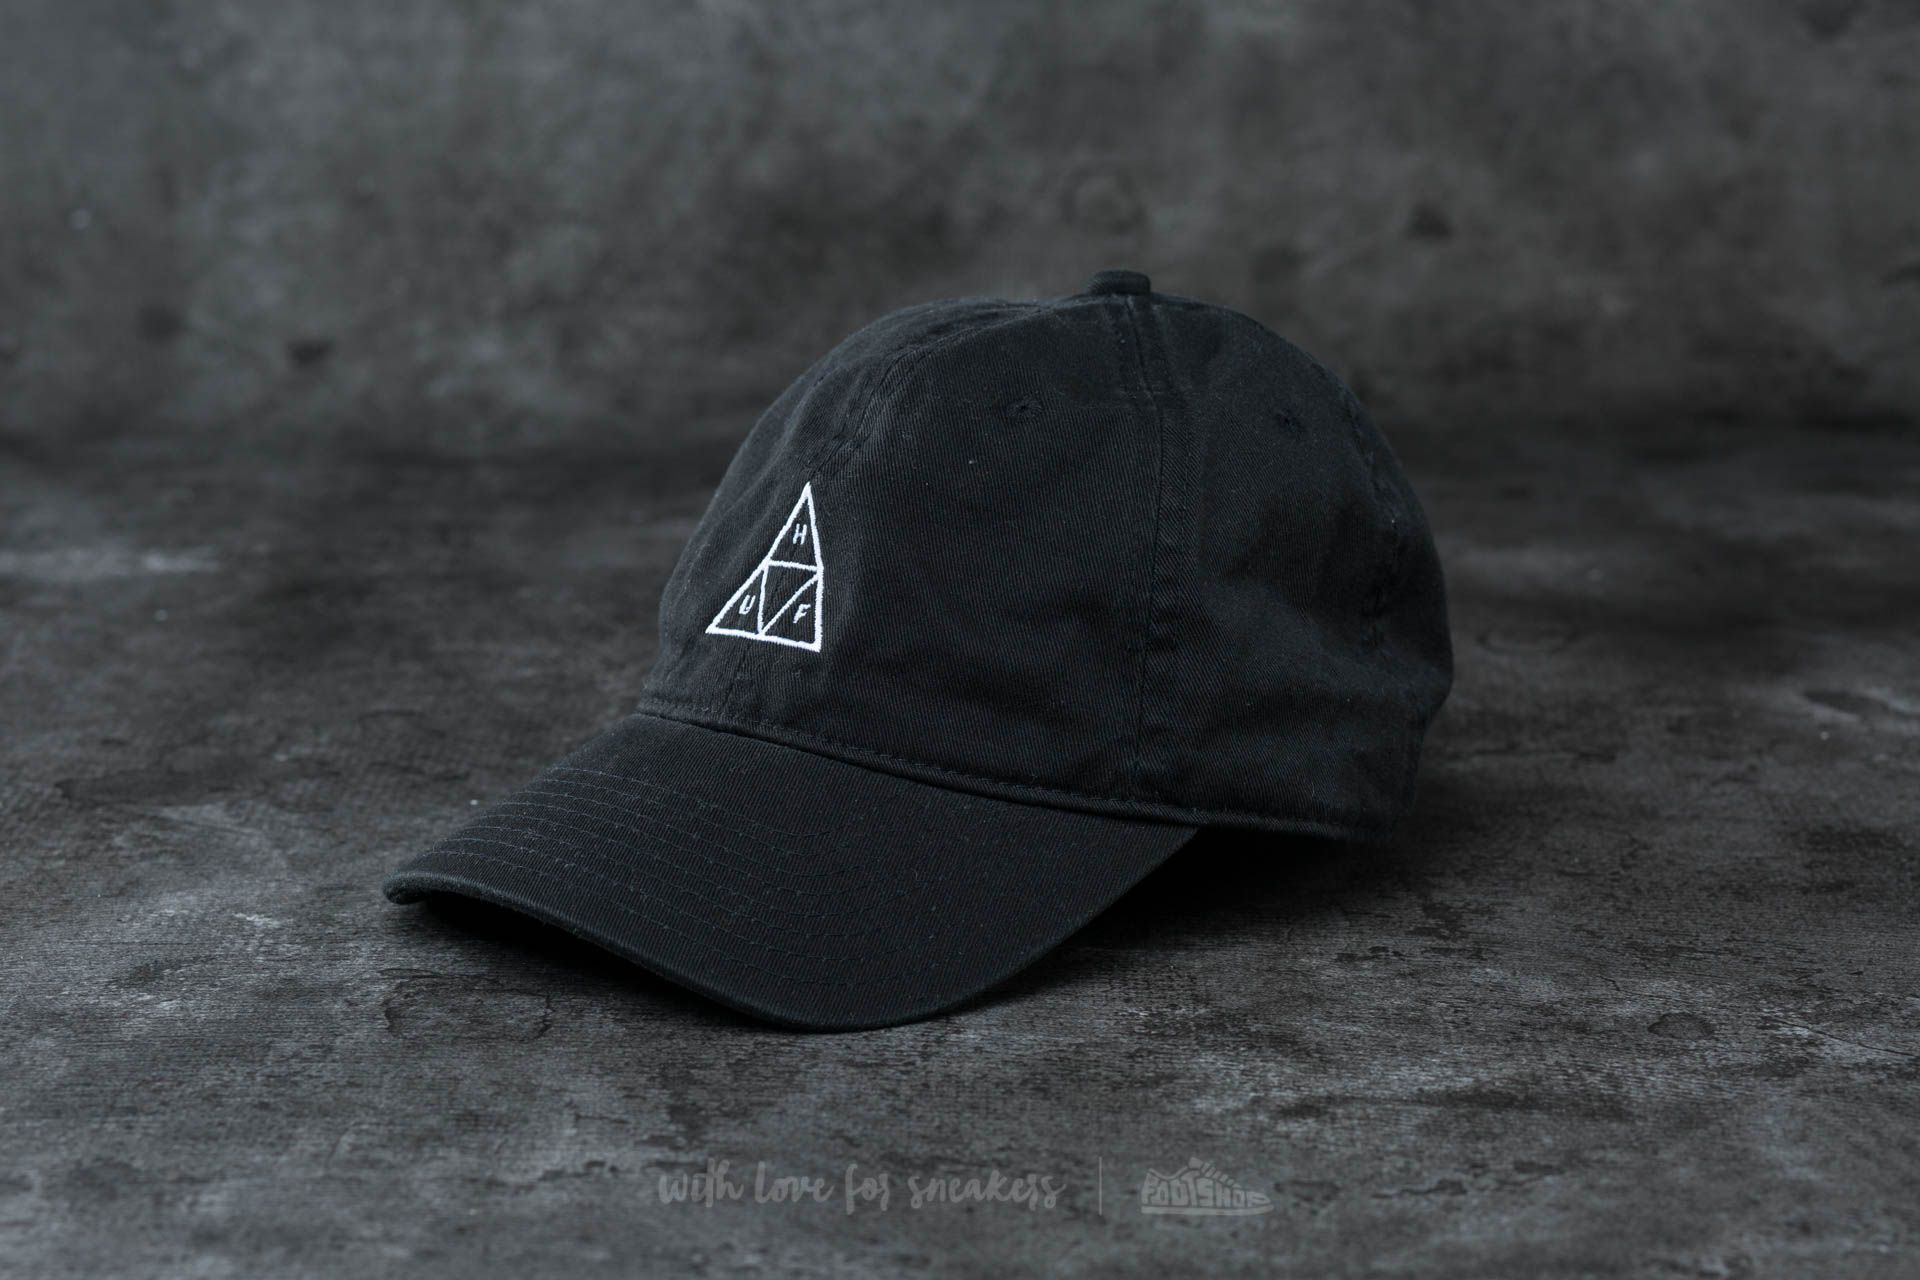 07407874d8ae6 HUF Apparel Triple Triangle Curved Brim Cap Black